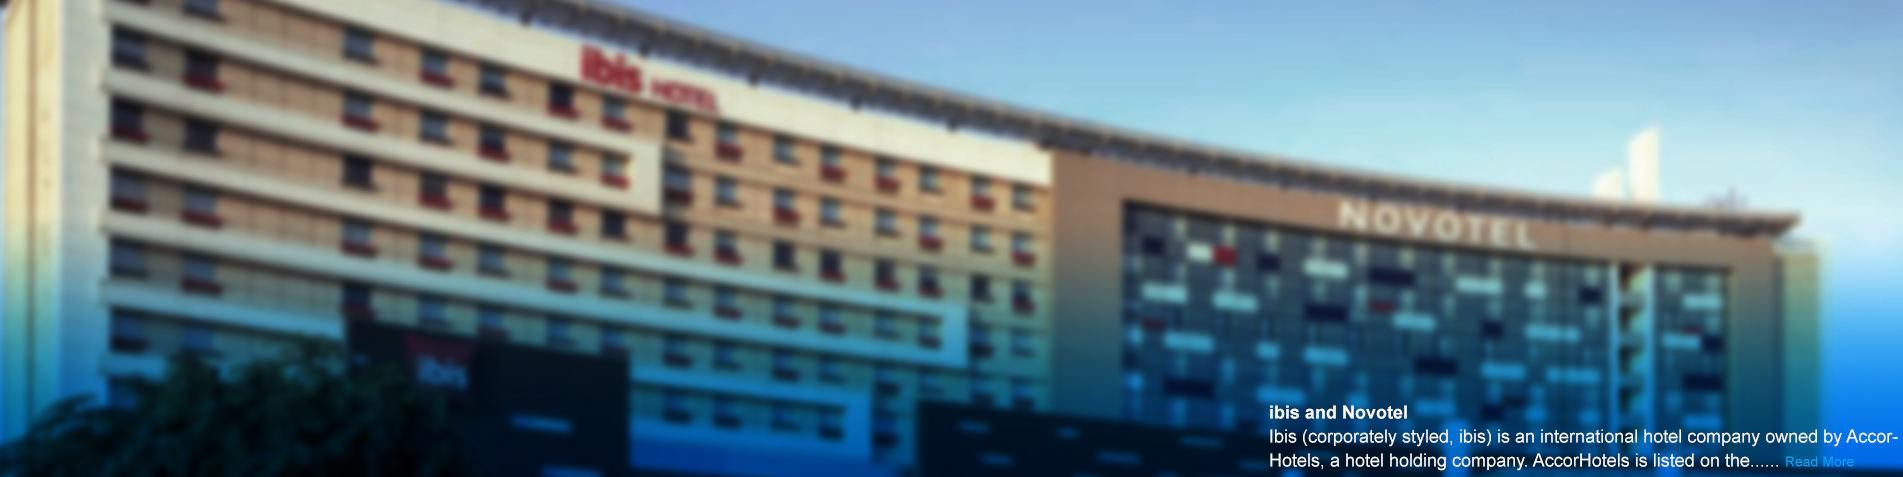 هتل های تجار خرجی در نمایشگاه ایران اکسپو